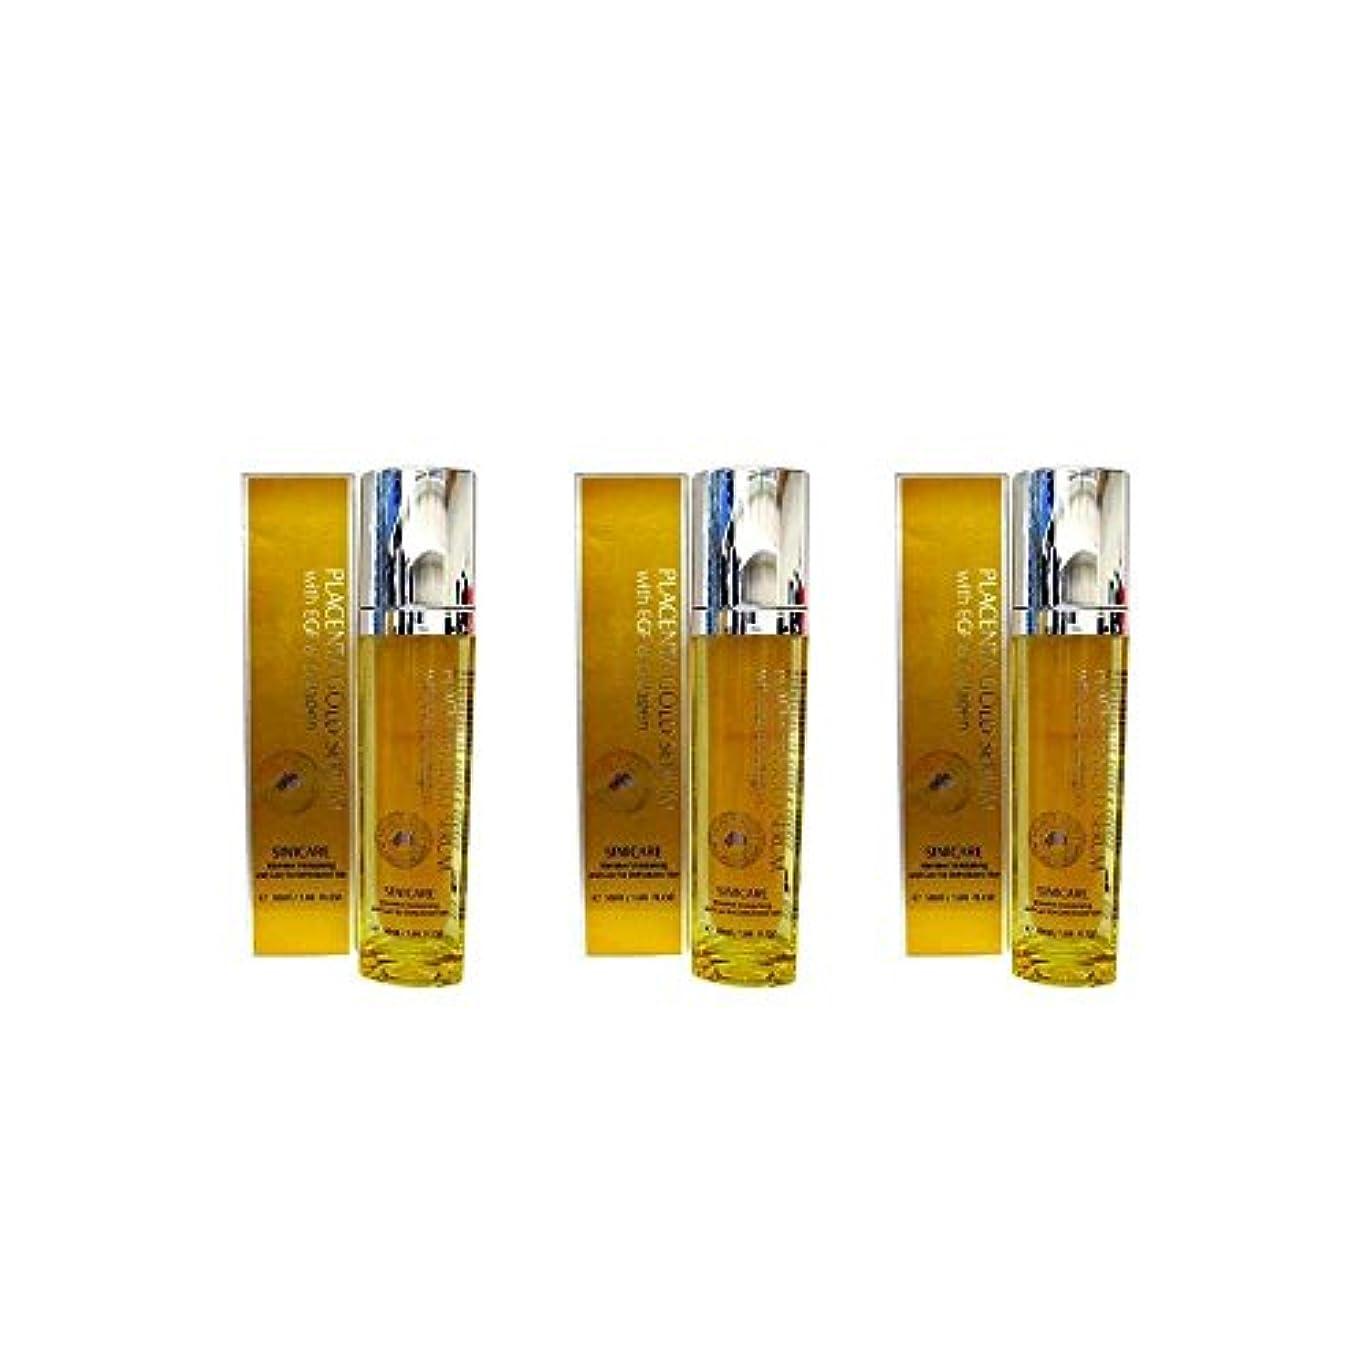 徹底シアー最も早い[Sini Care]新!EGF配合プラセンタ美容液(Placenta Gold Serum With EGF)50ml×3本セット[海外直送品]